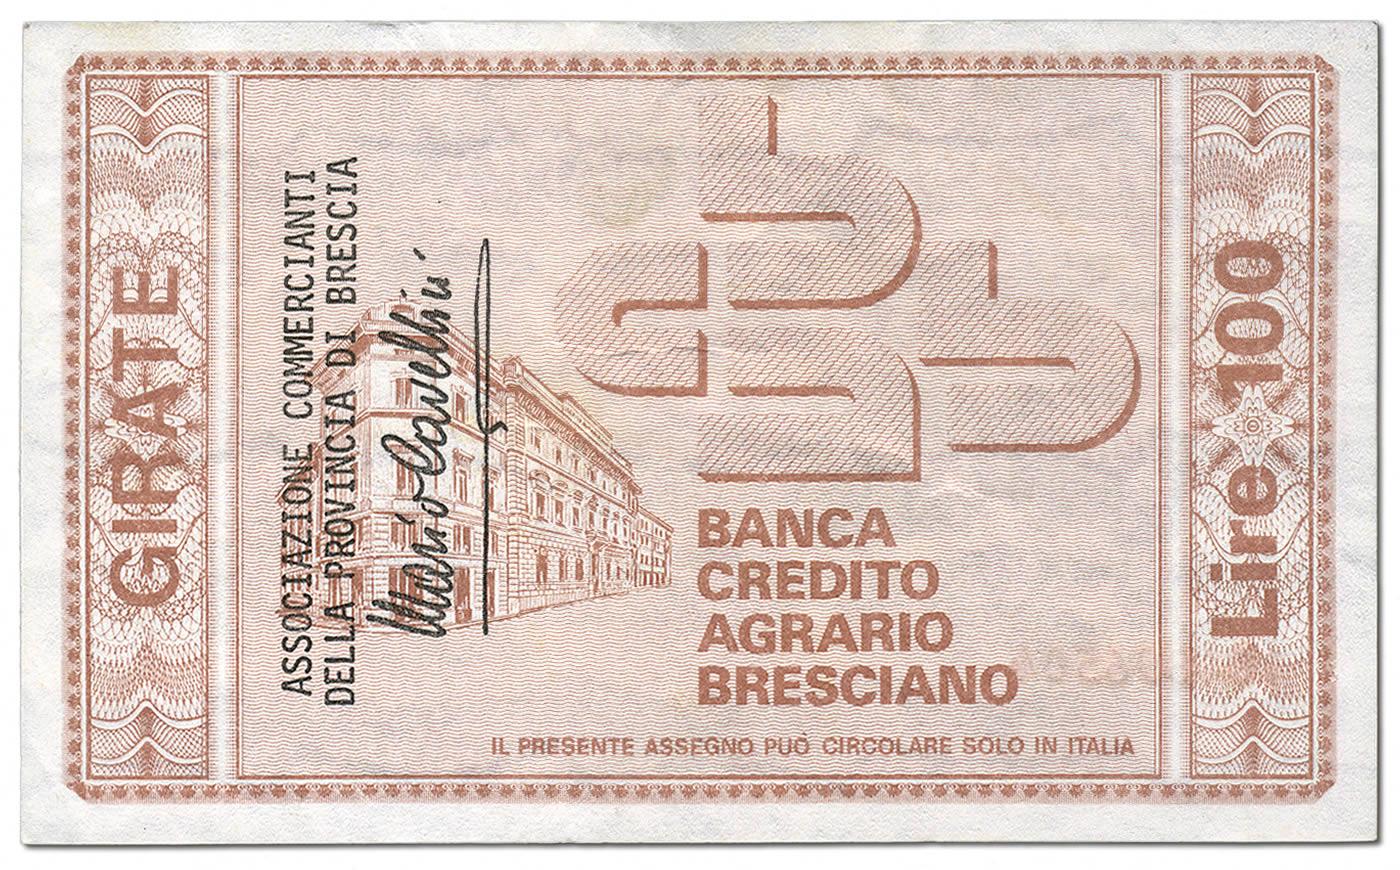 Retro del miniassegno da 100 del Credito Agrario Bresciano